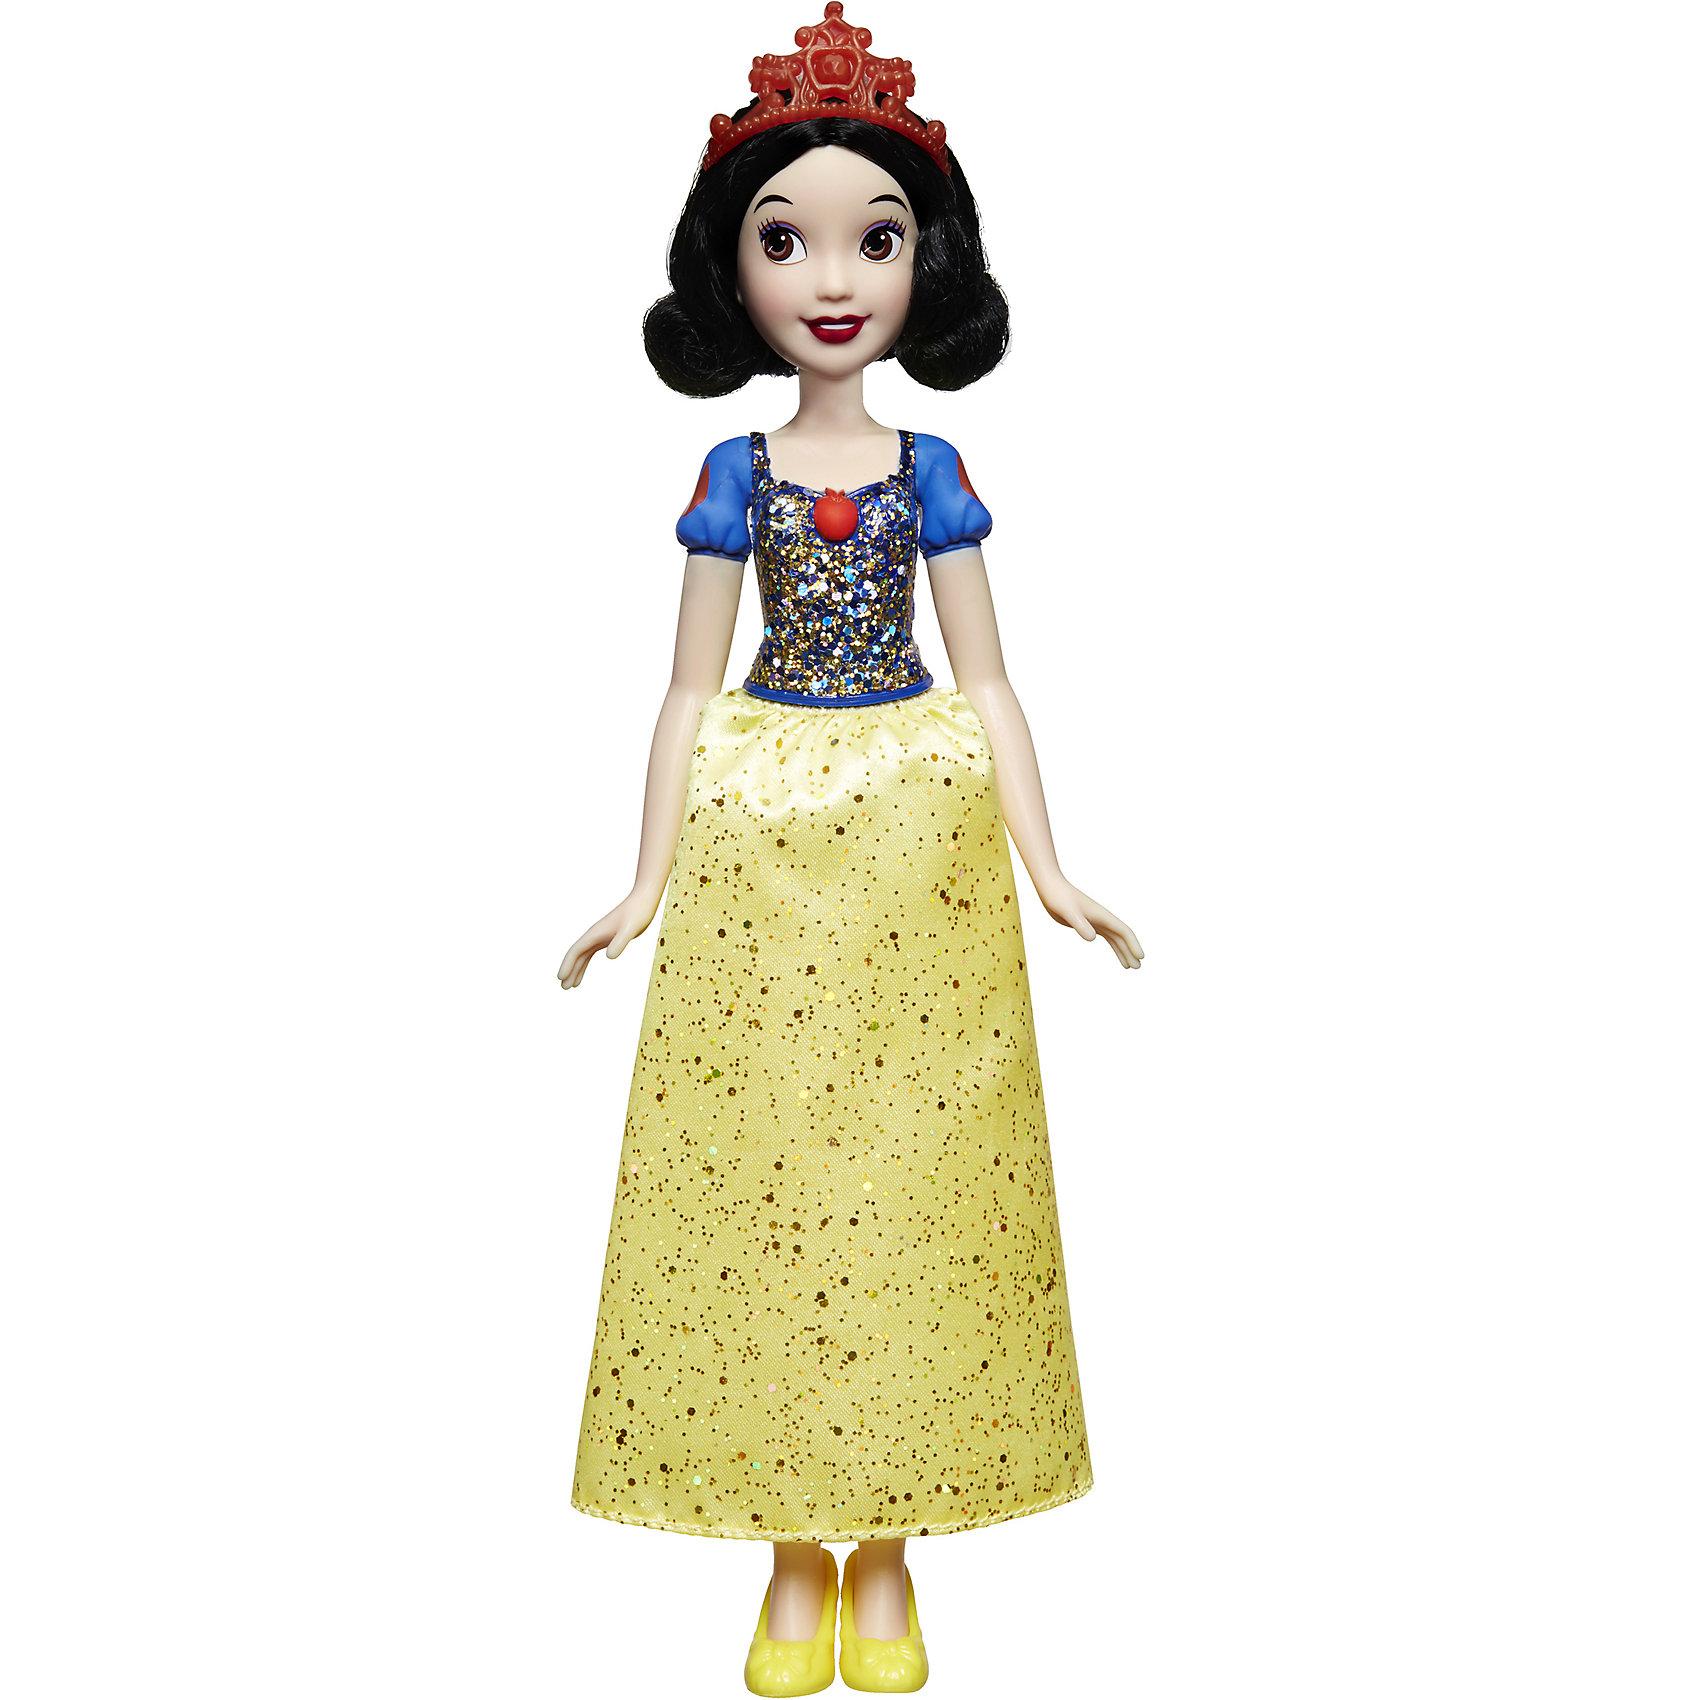 Кукла Белоснежка, Принцессы ДиснейБелоснежка и семь гномов<br>Кукла Белоснежка, Принцессы Дисней, станет прекрасным подарком для всех маленьких поклонниц диснеевских сказок. Кукла очень похожа на свою героиню из популярного мультфильма Белоснежка и семь гномов. Как и положено по сюжету, у куклы темные волосы до плеч и светлая кожа, красивое лицо украшено ярким макияжем. Белоснежка одета в нарядное платье принцессы: ярко-синий топ с рукавами-фонариками и роскошная желтая юбка с блестками и изысканными узорами. Наряд дополняют изящные желтые туфельки и красный ободок с бантиком в волосах. У куклы подвижные руки и ноги и голова.<br><br>Дополнительная информация:<br><br>- Материал: пластик, текстиль.<br>- Высота куклы: 28 см.<br>- Размер упаковки: 15 x 5 x 36 см.<br>- Вес: 0,17 кг.<br><br>Куклу Белоснежка, Принцессы Дисней, можно купить в нашем интернет-магазине.<br><br>Ширина мм: 324<br>Глубина мм: 154<br>Высота мм: 55<br>Вес г: 171<br>Возраст от месяцев: 36<br>Возраст до месяцев: 72<br>Пол: Женский<br>Возраст: Детский<br>SKU: 4351503